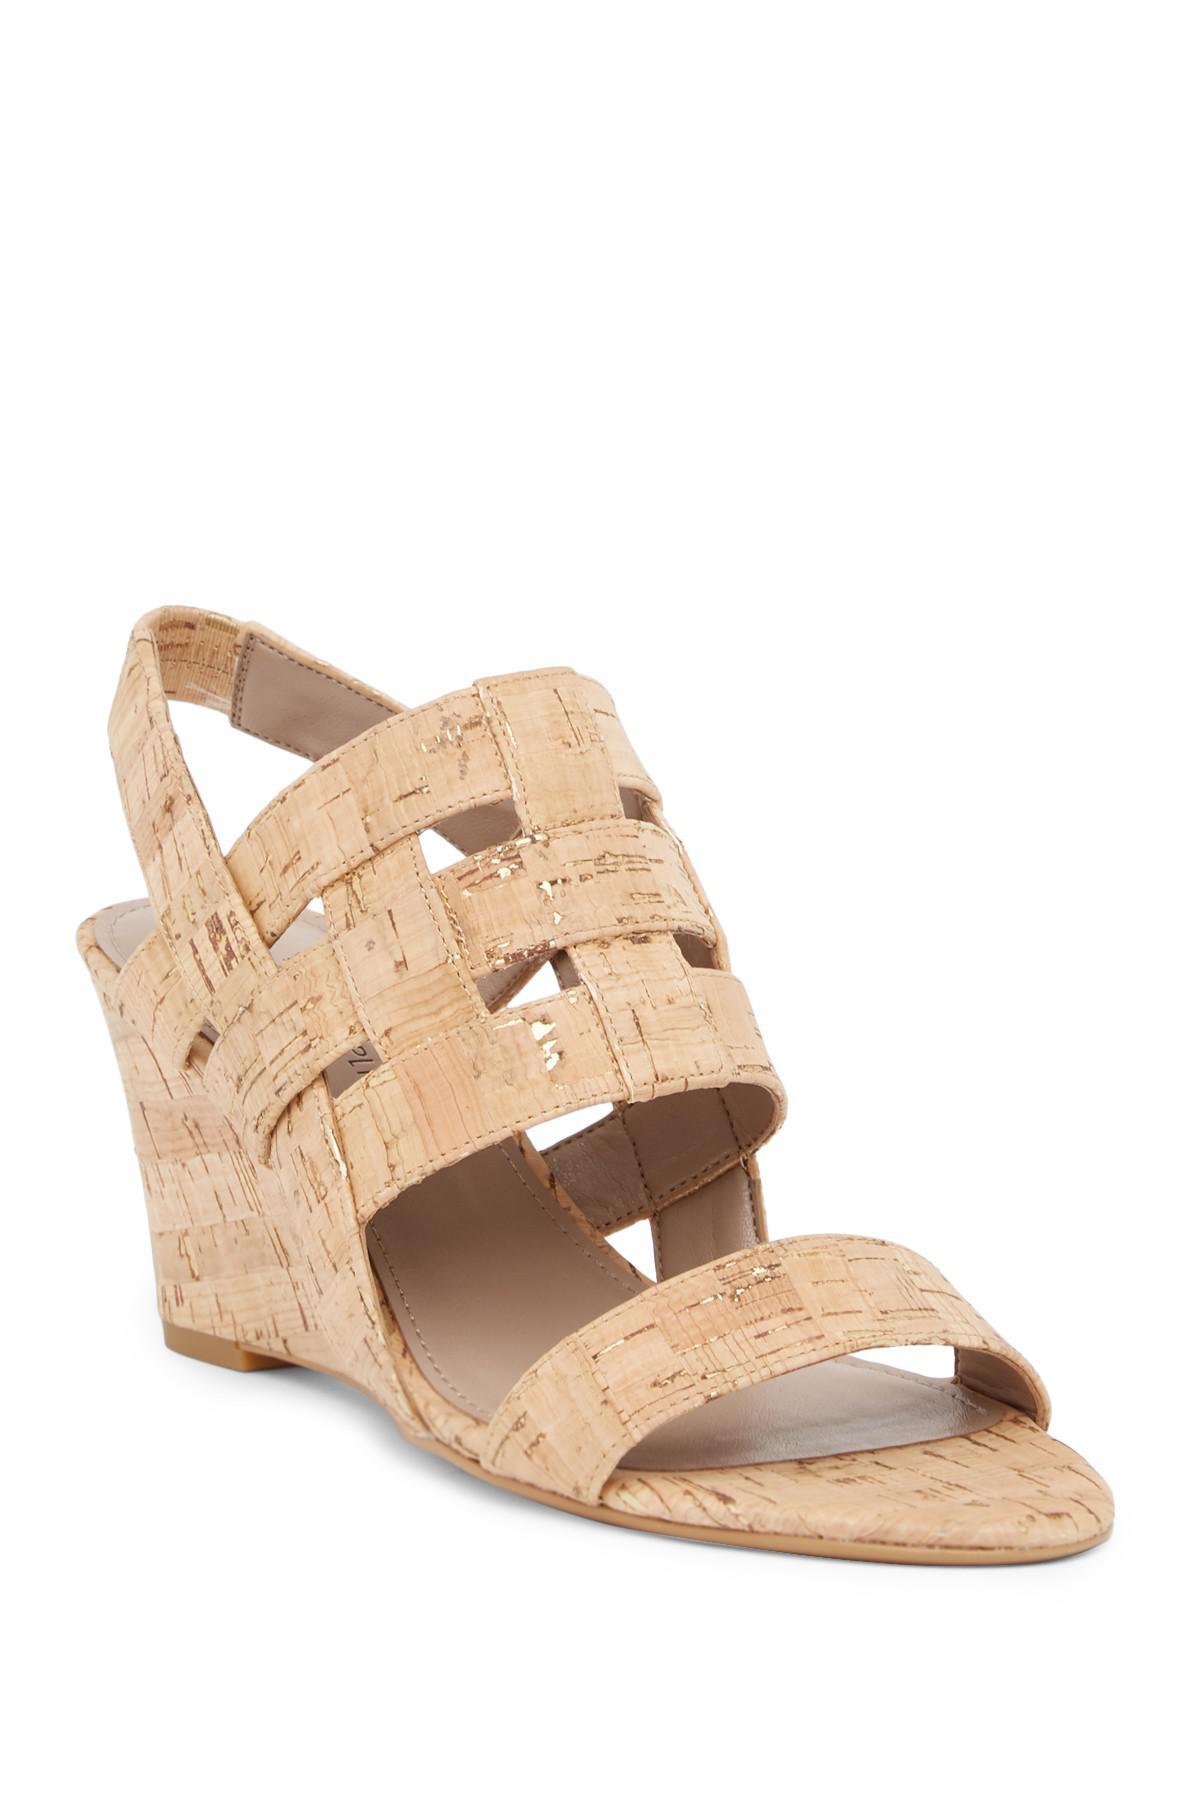 Donald Pliner Joela Metallic Cork Wedge Sandal B579fjmaY